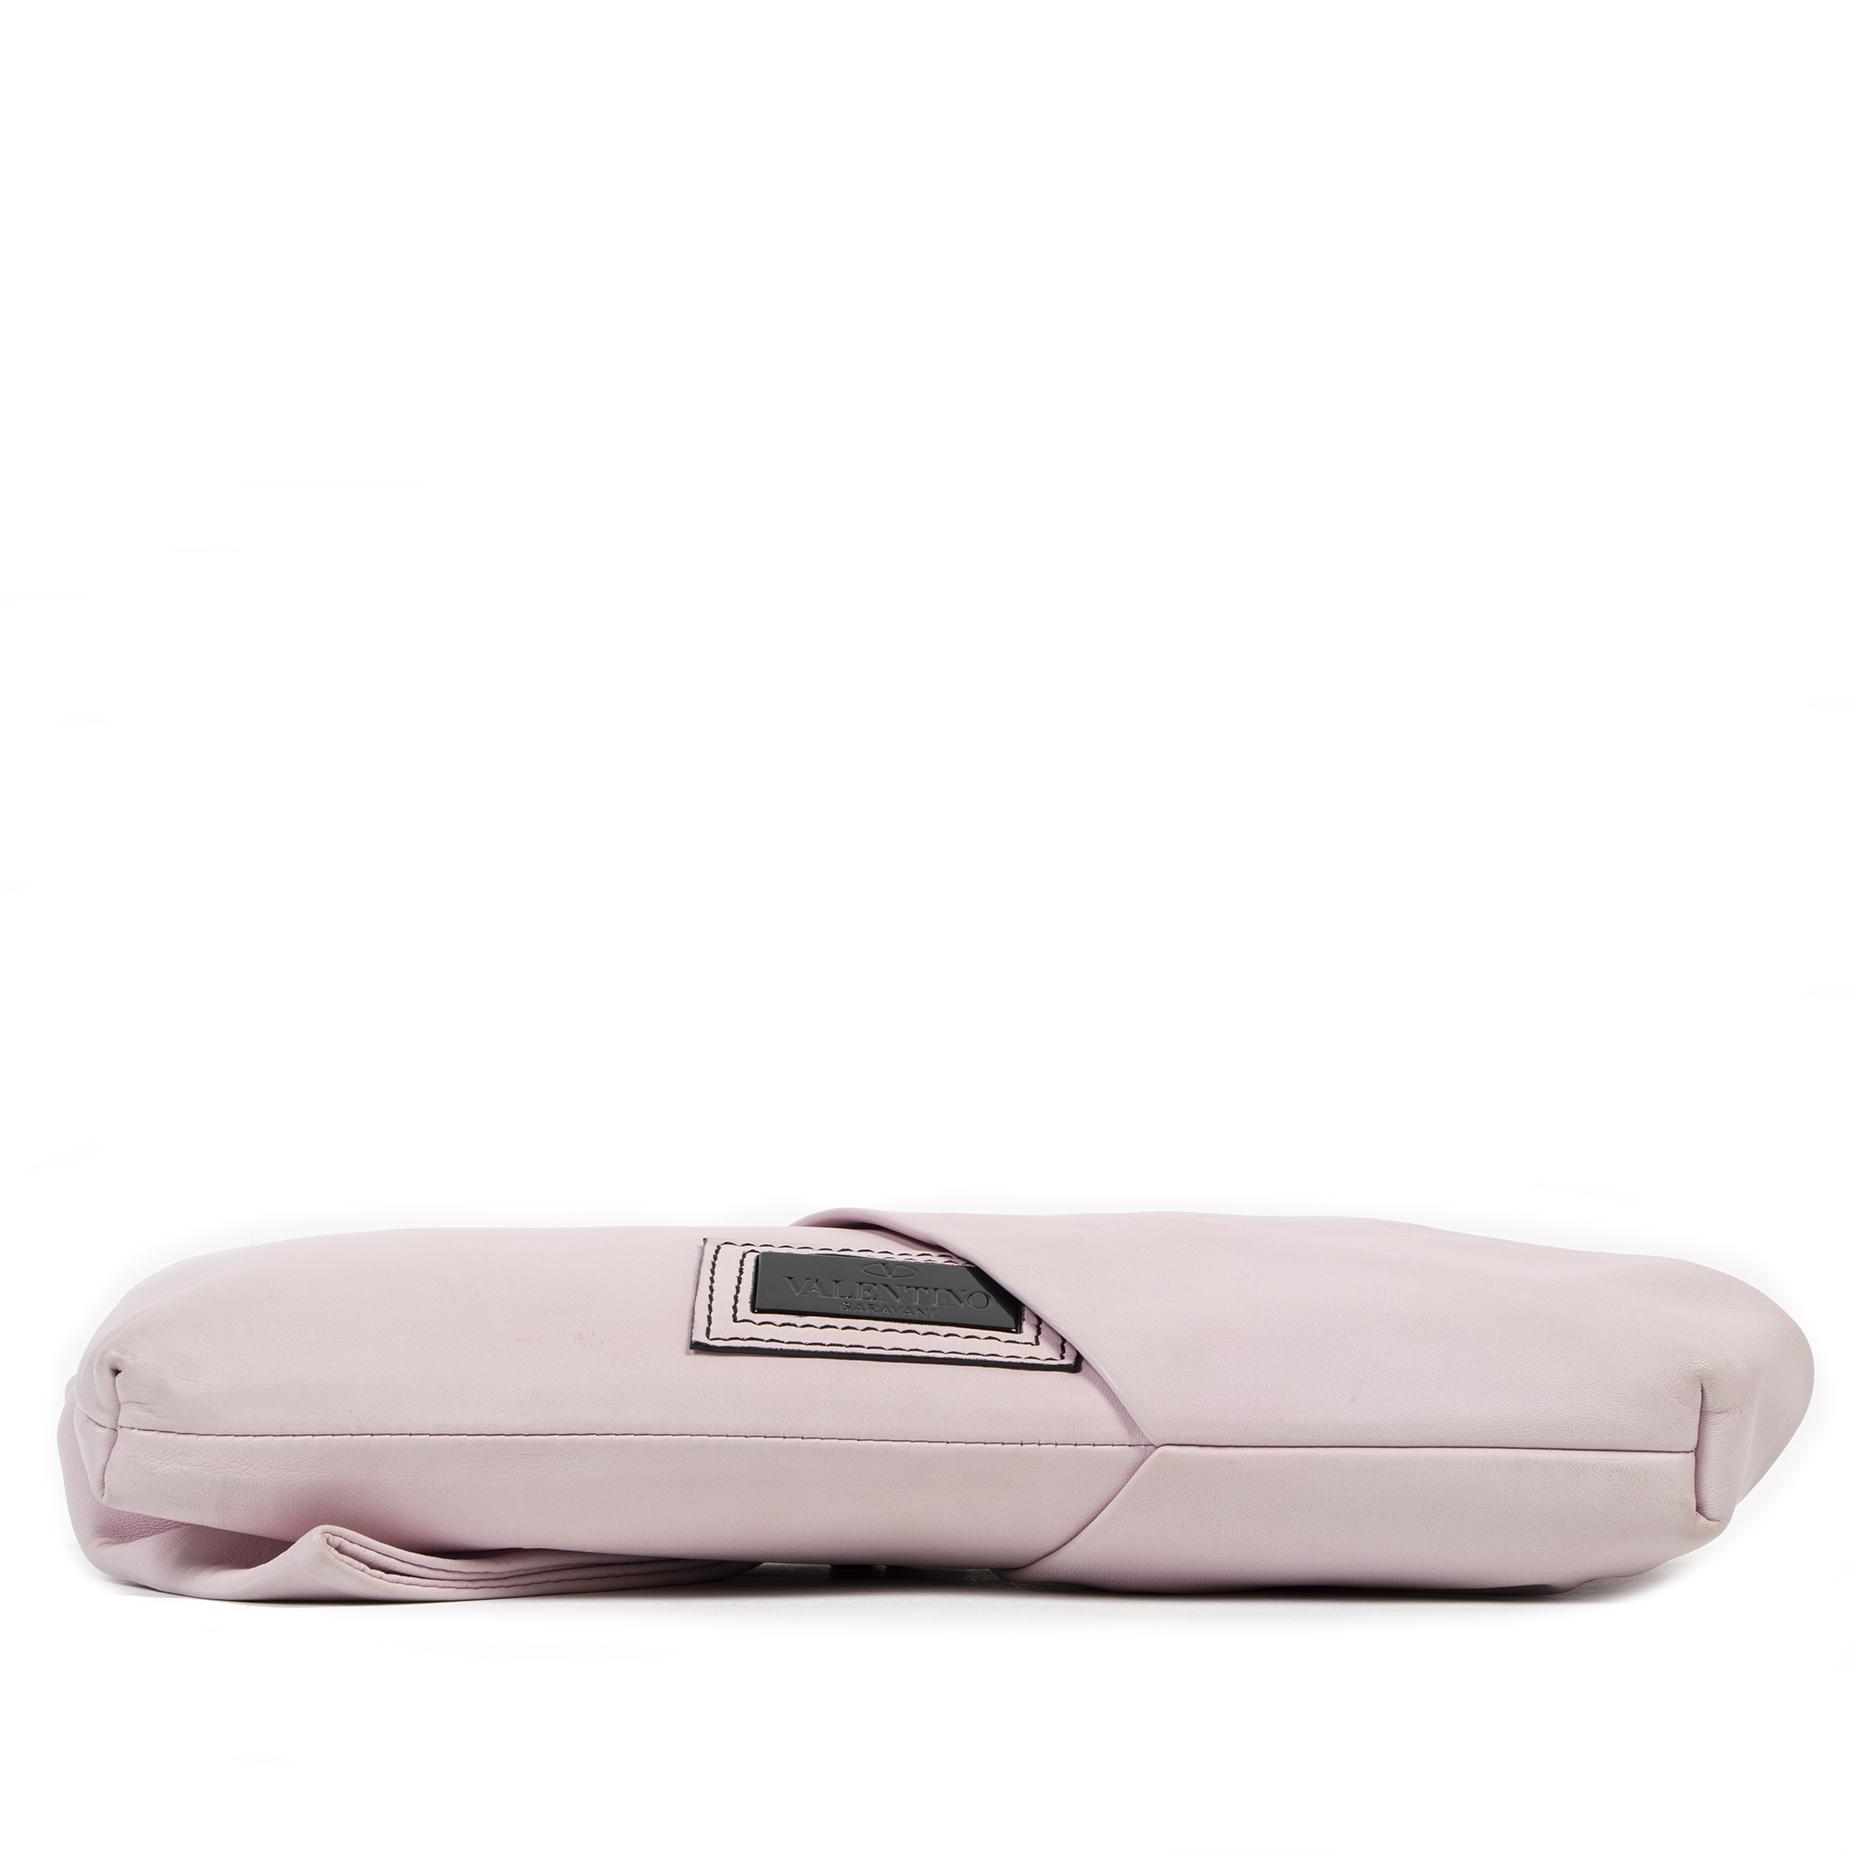 Authentique seconde-main vintage Valentino Pastel Pink Bow Leather Clutch achète en ligne webshop LabelLOV